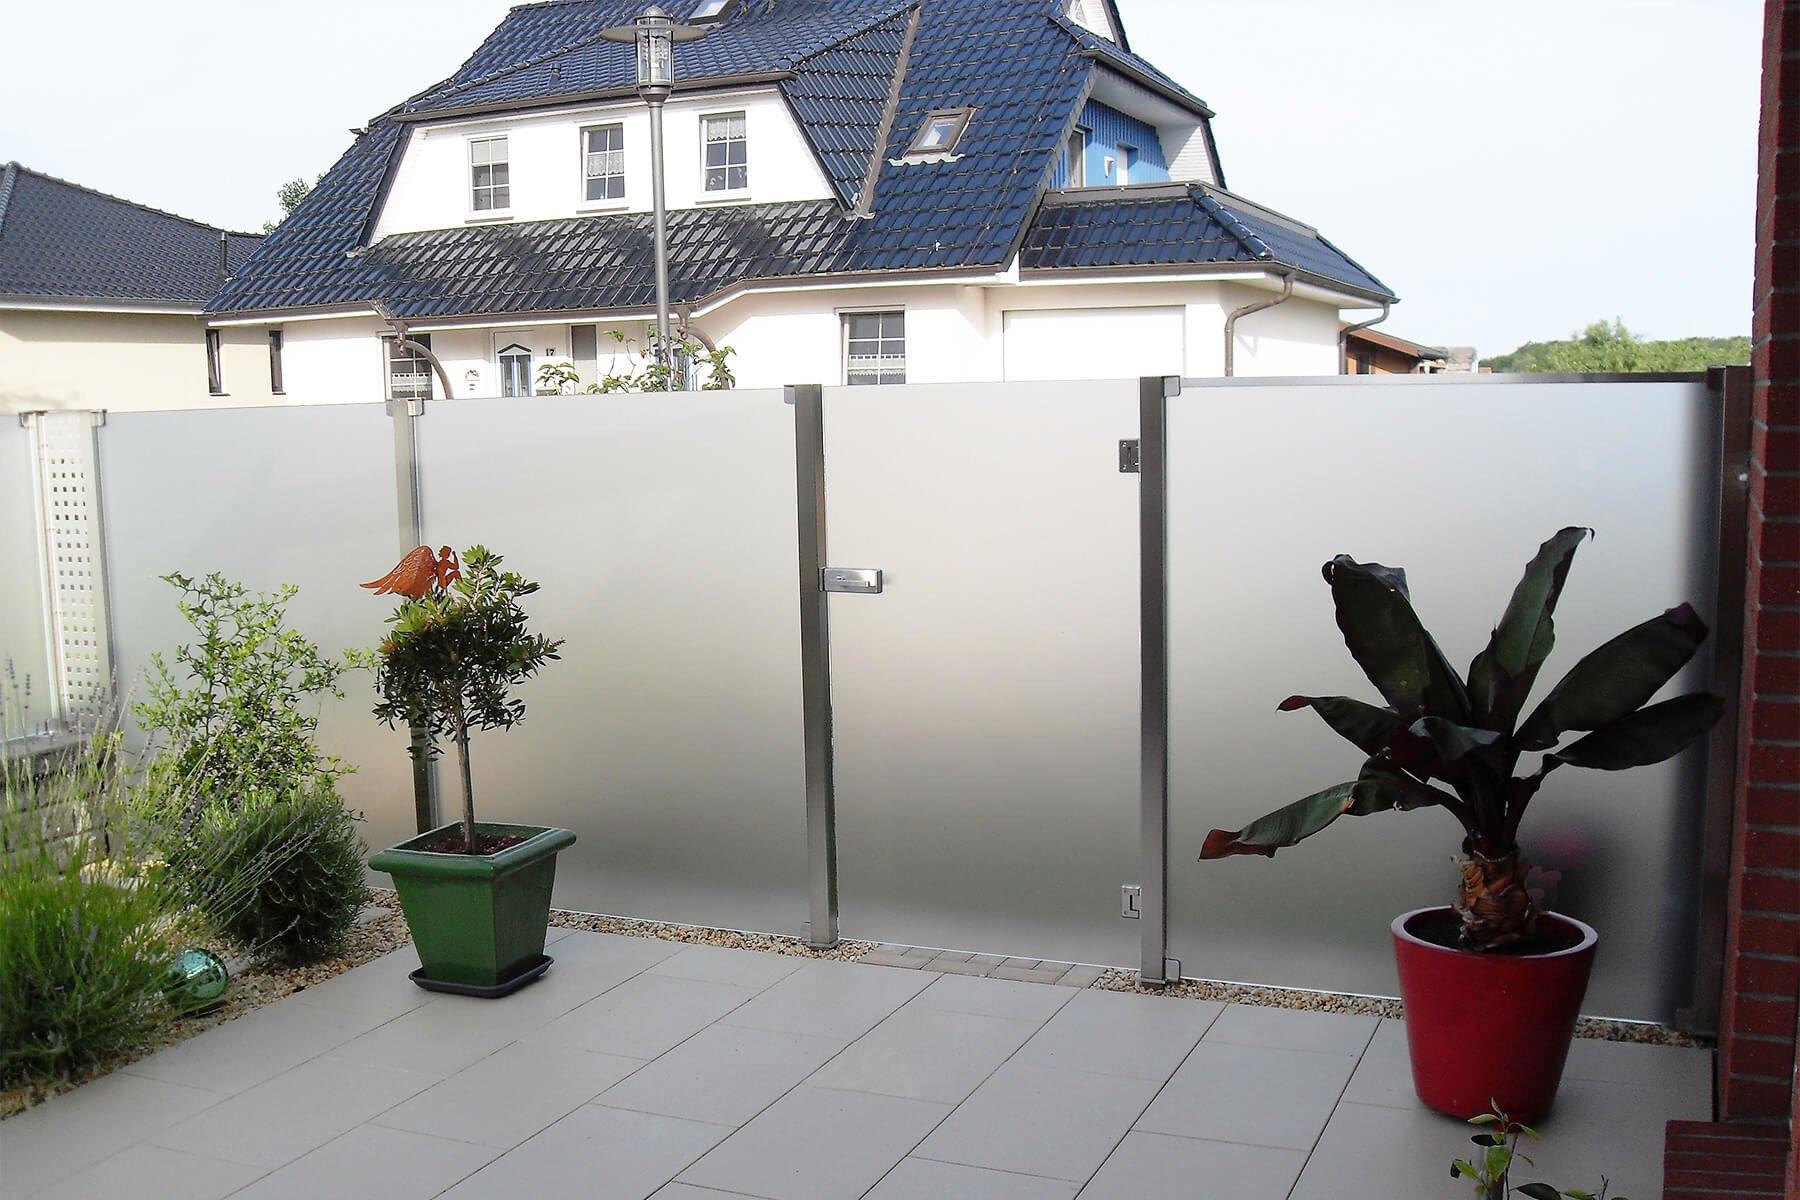 wind-und-sichtschutz-aundo-mit-tuer- optimal-fuer-garten-terrasse-und-balkon